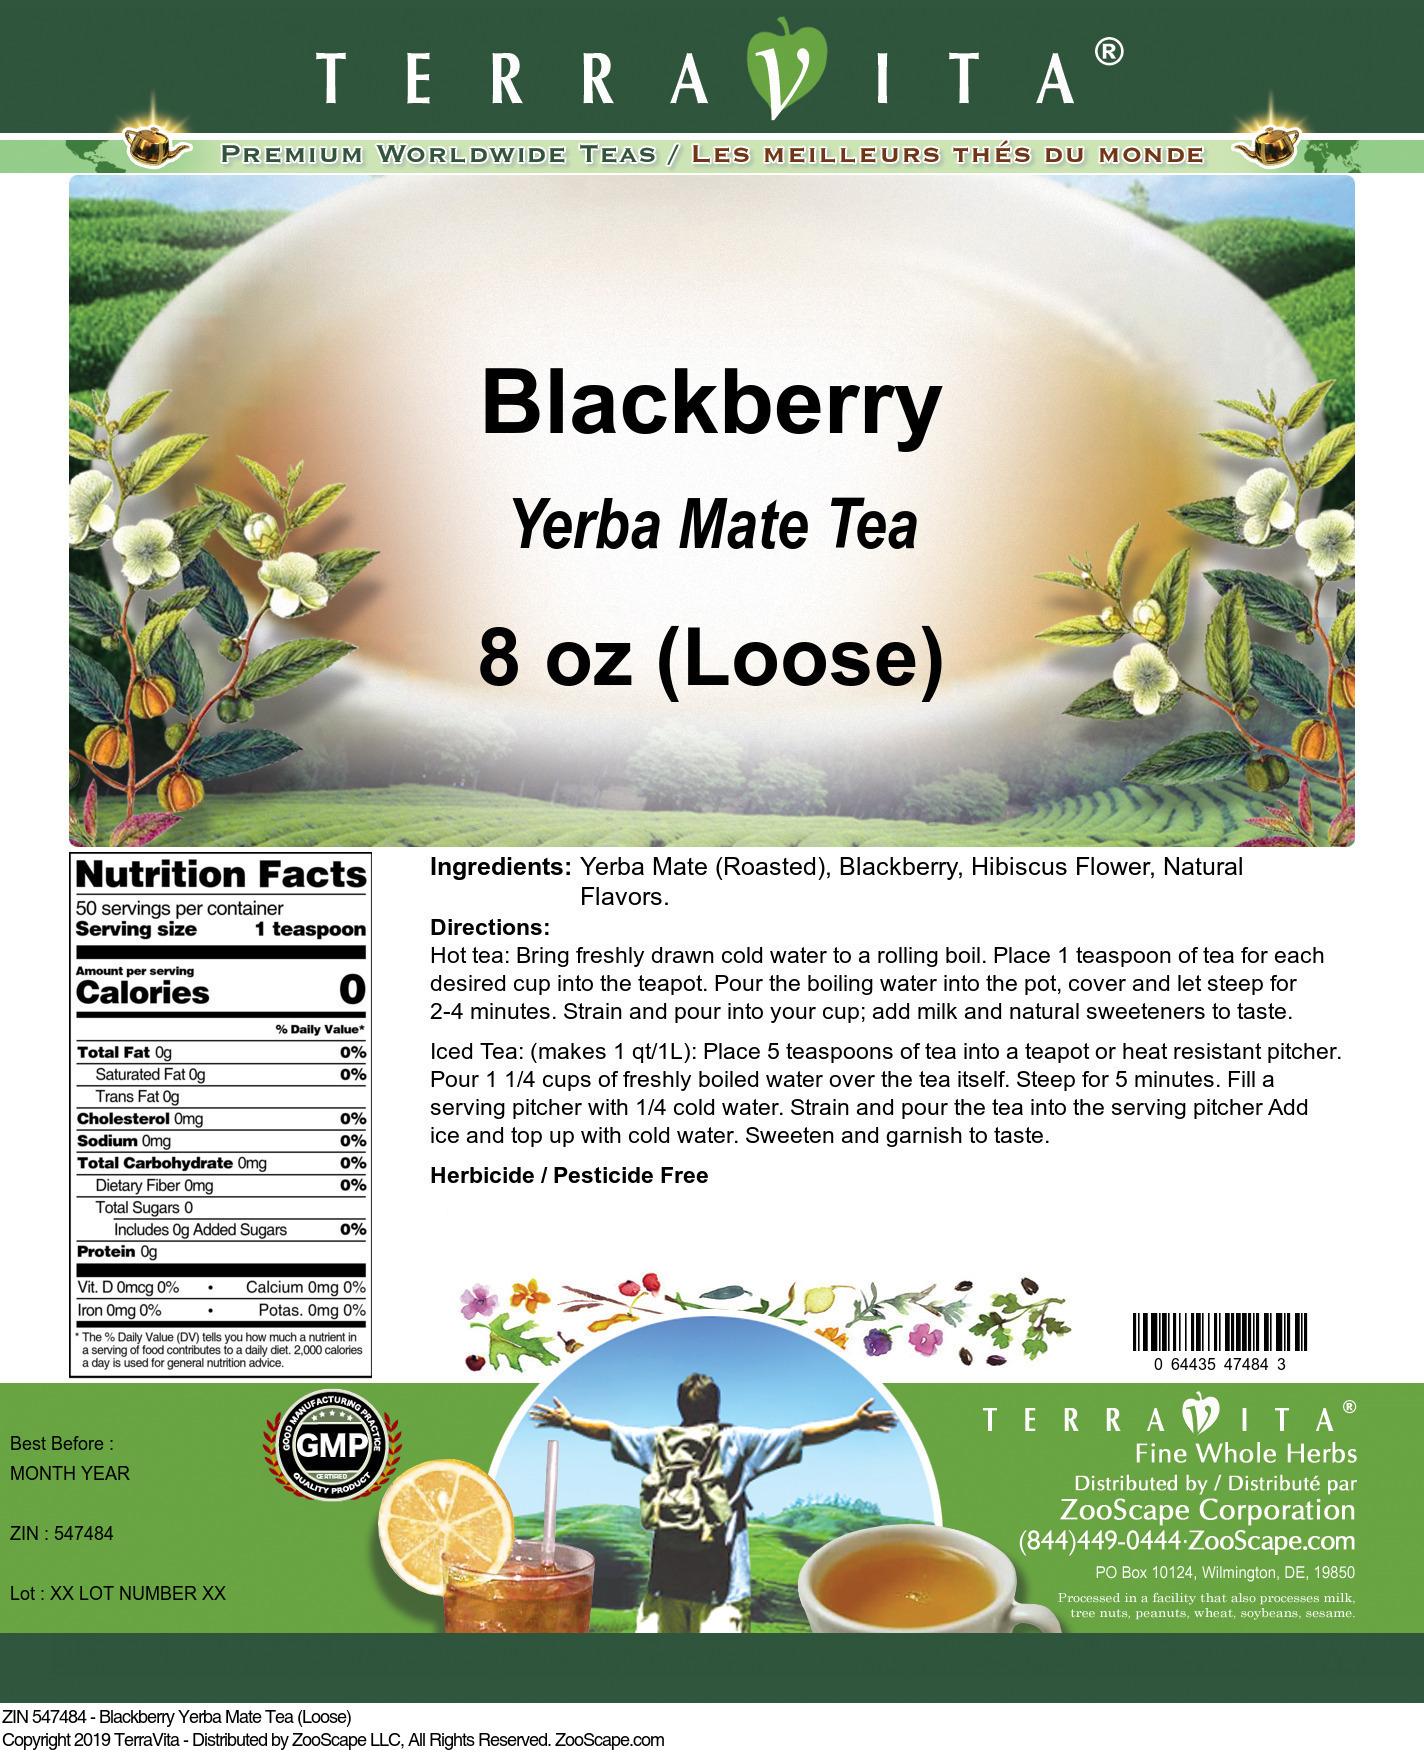 Blackberry Yerba Mate Tea (Loose)